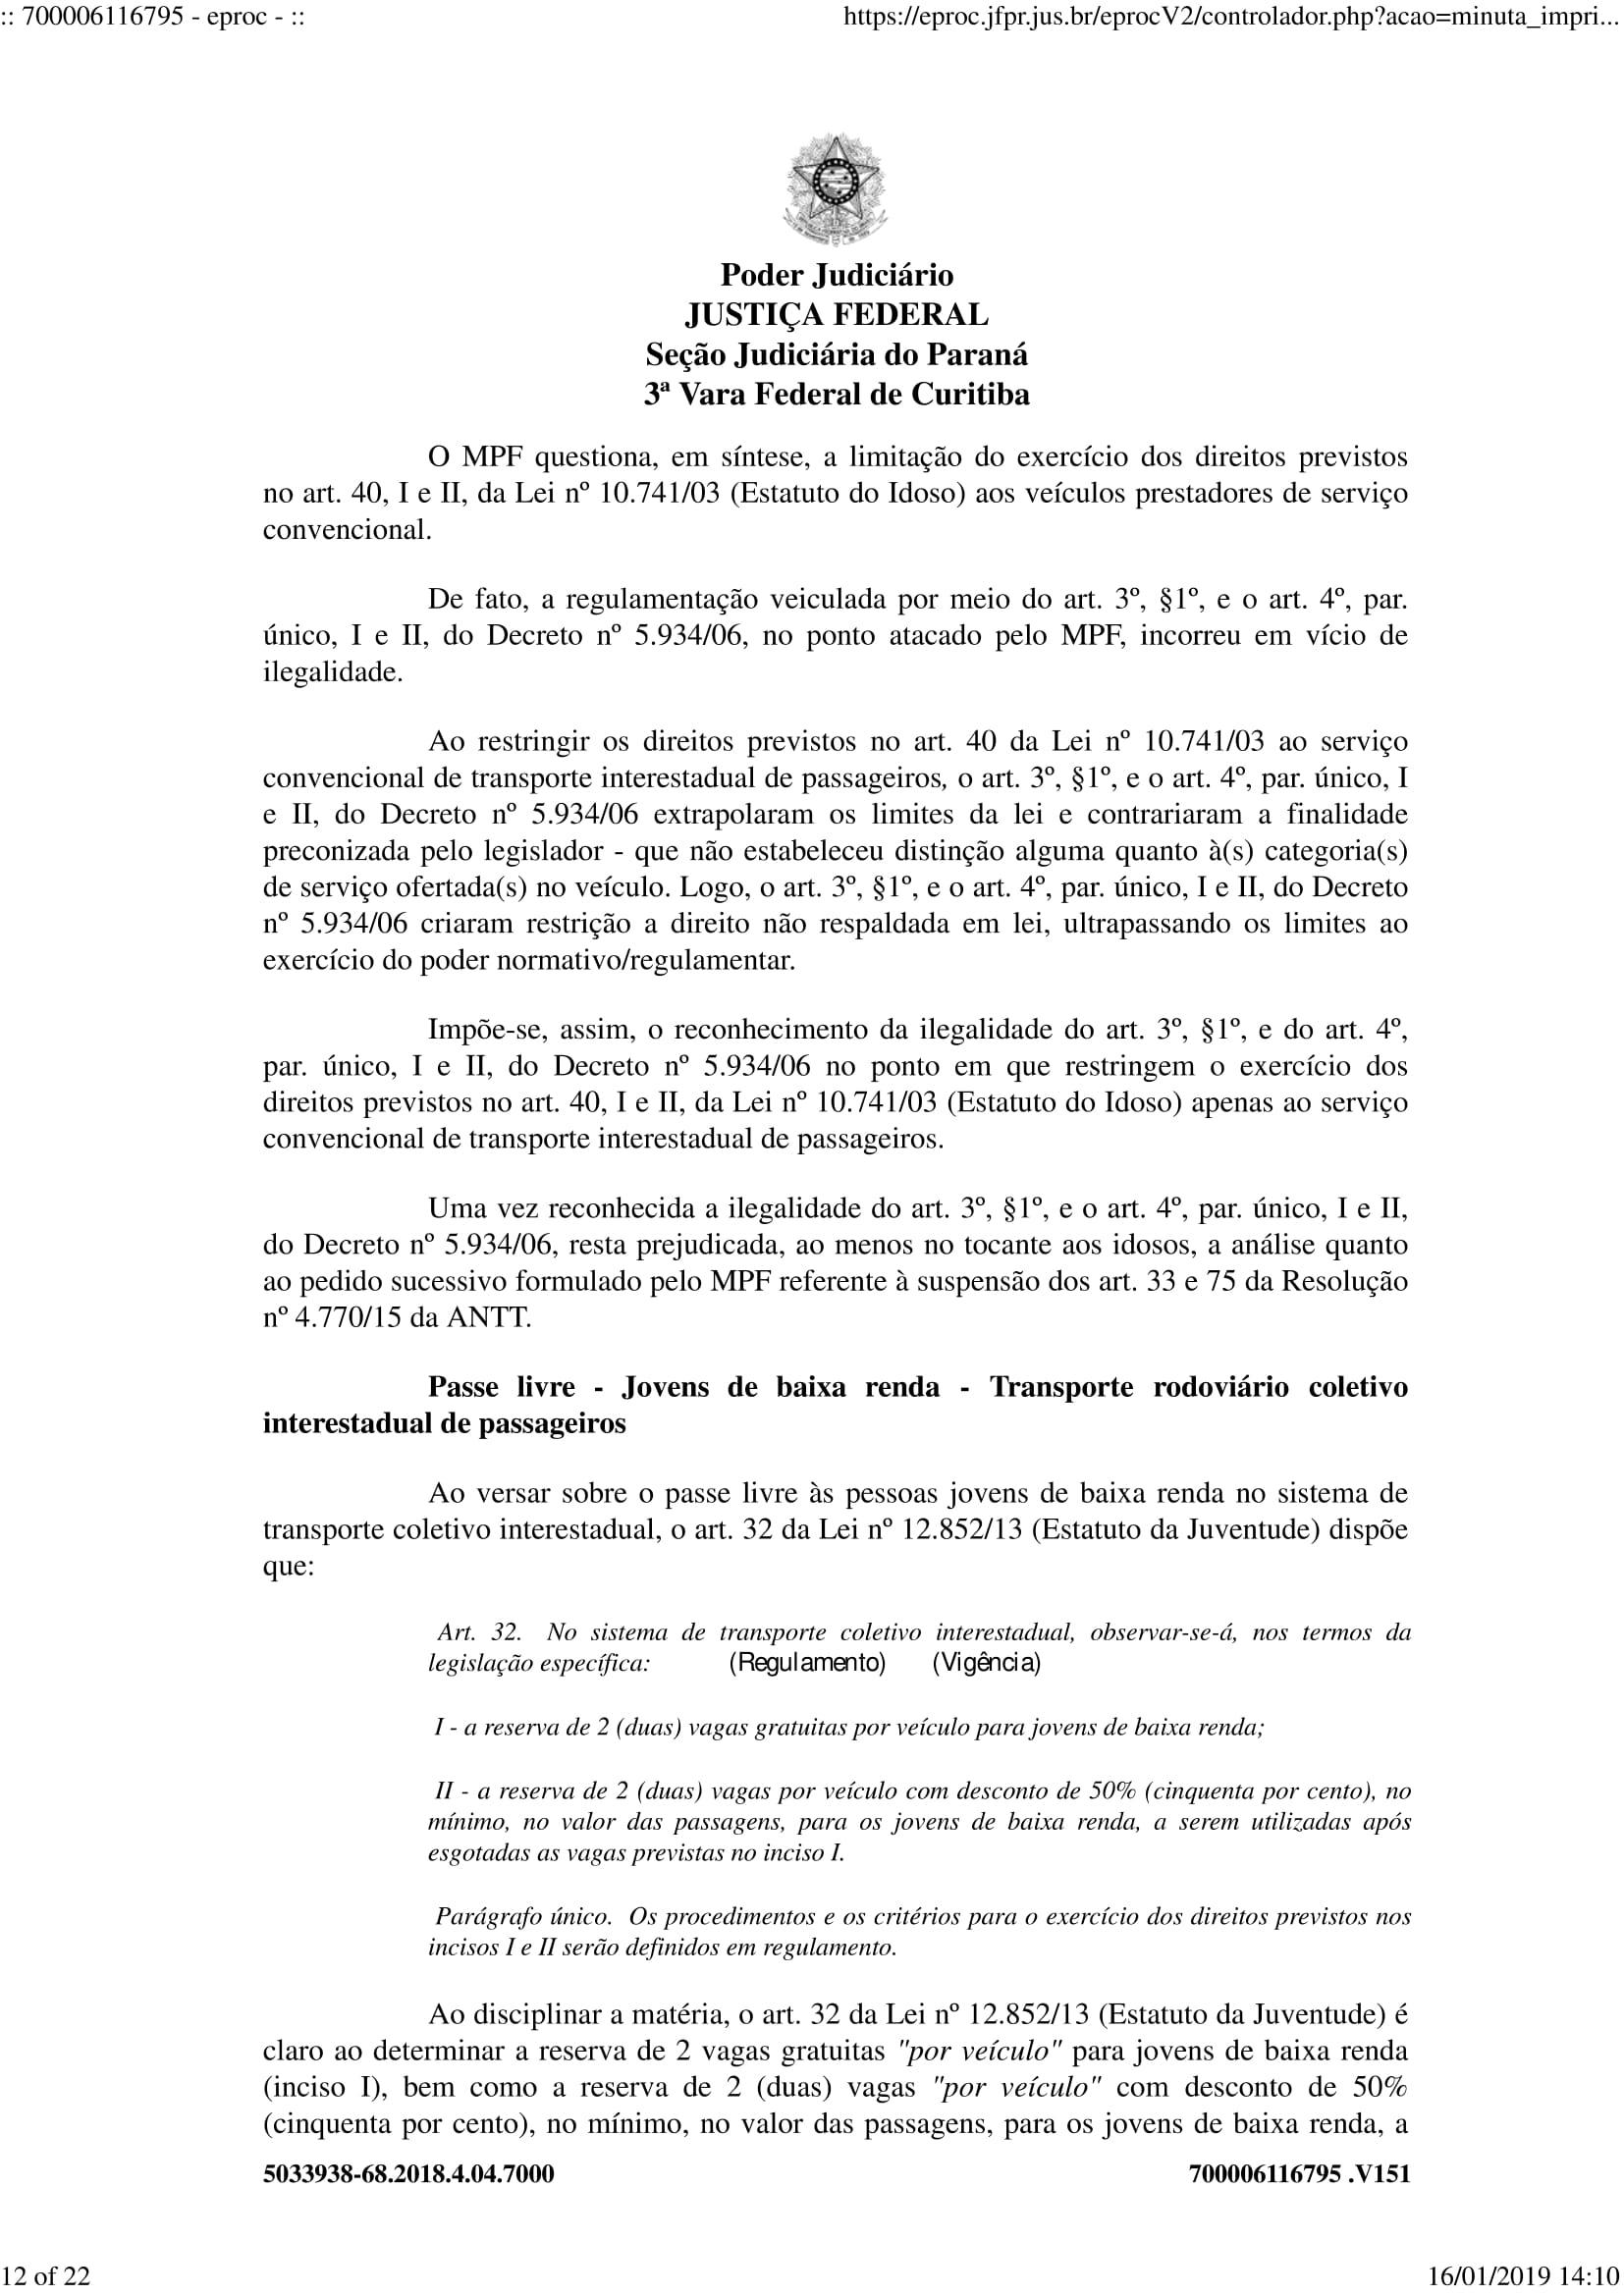 DECISÃO-2-12